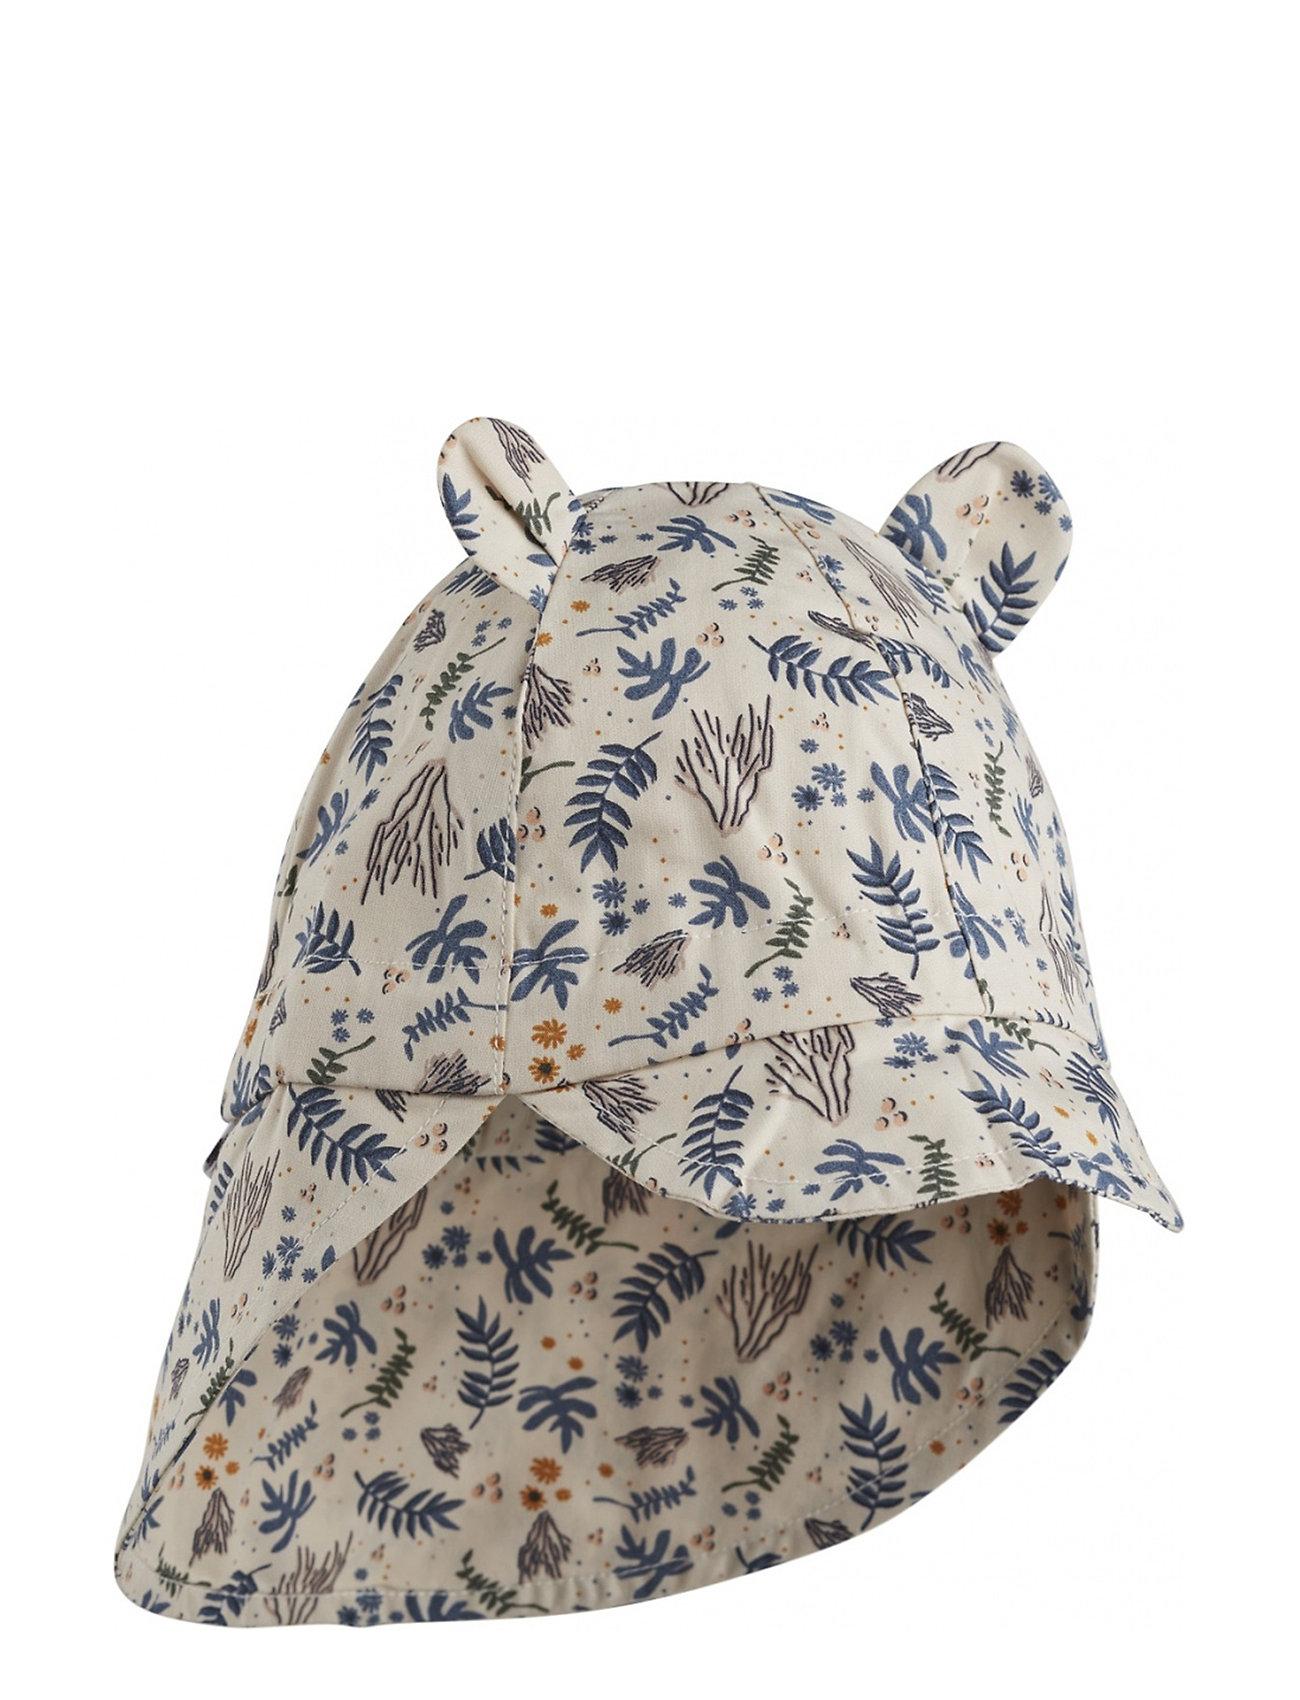 Liewood Gorm sun hat - CORAL FLORAL/MIX